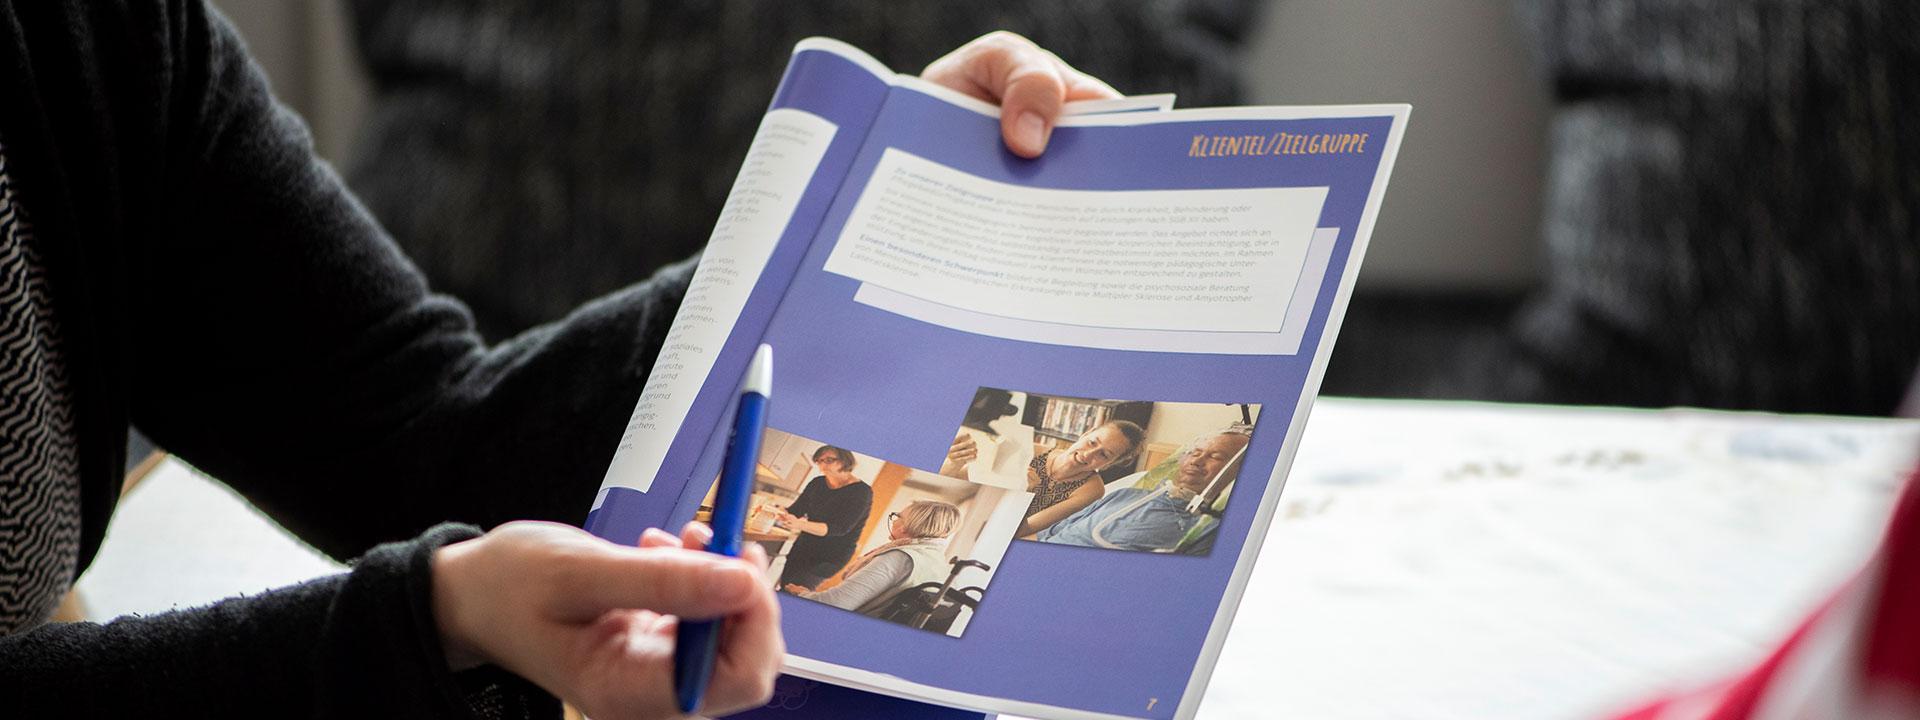 Phönix - Soziale Dienste in Berlin - Berlinweite Unterstützung für Menschen mit Behinderungen